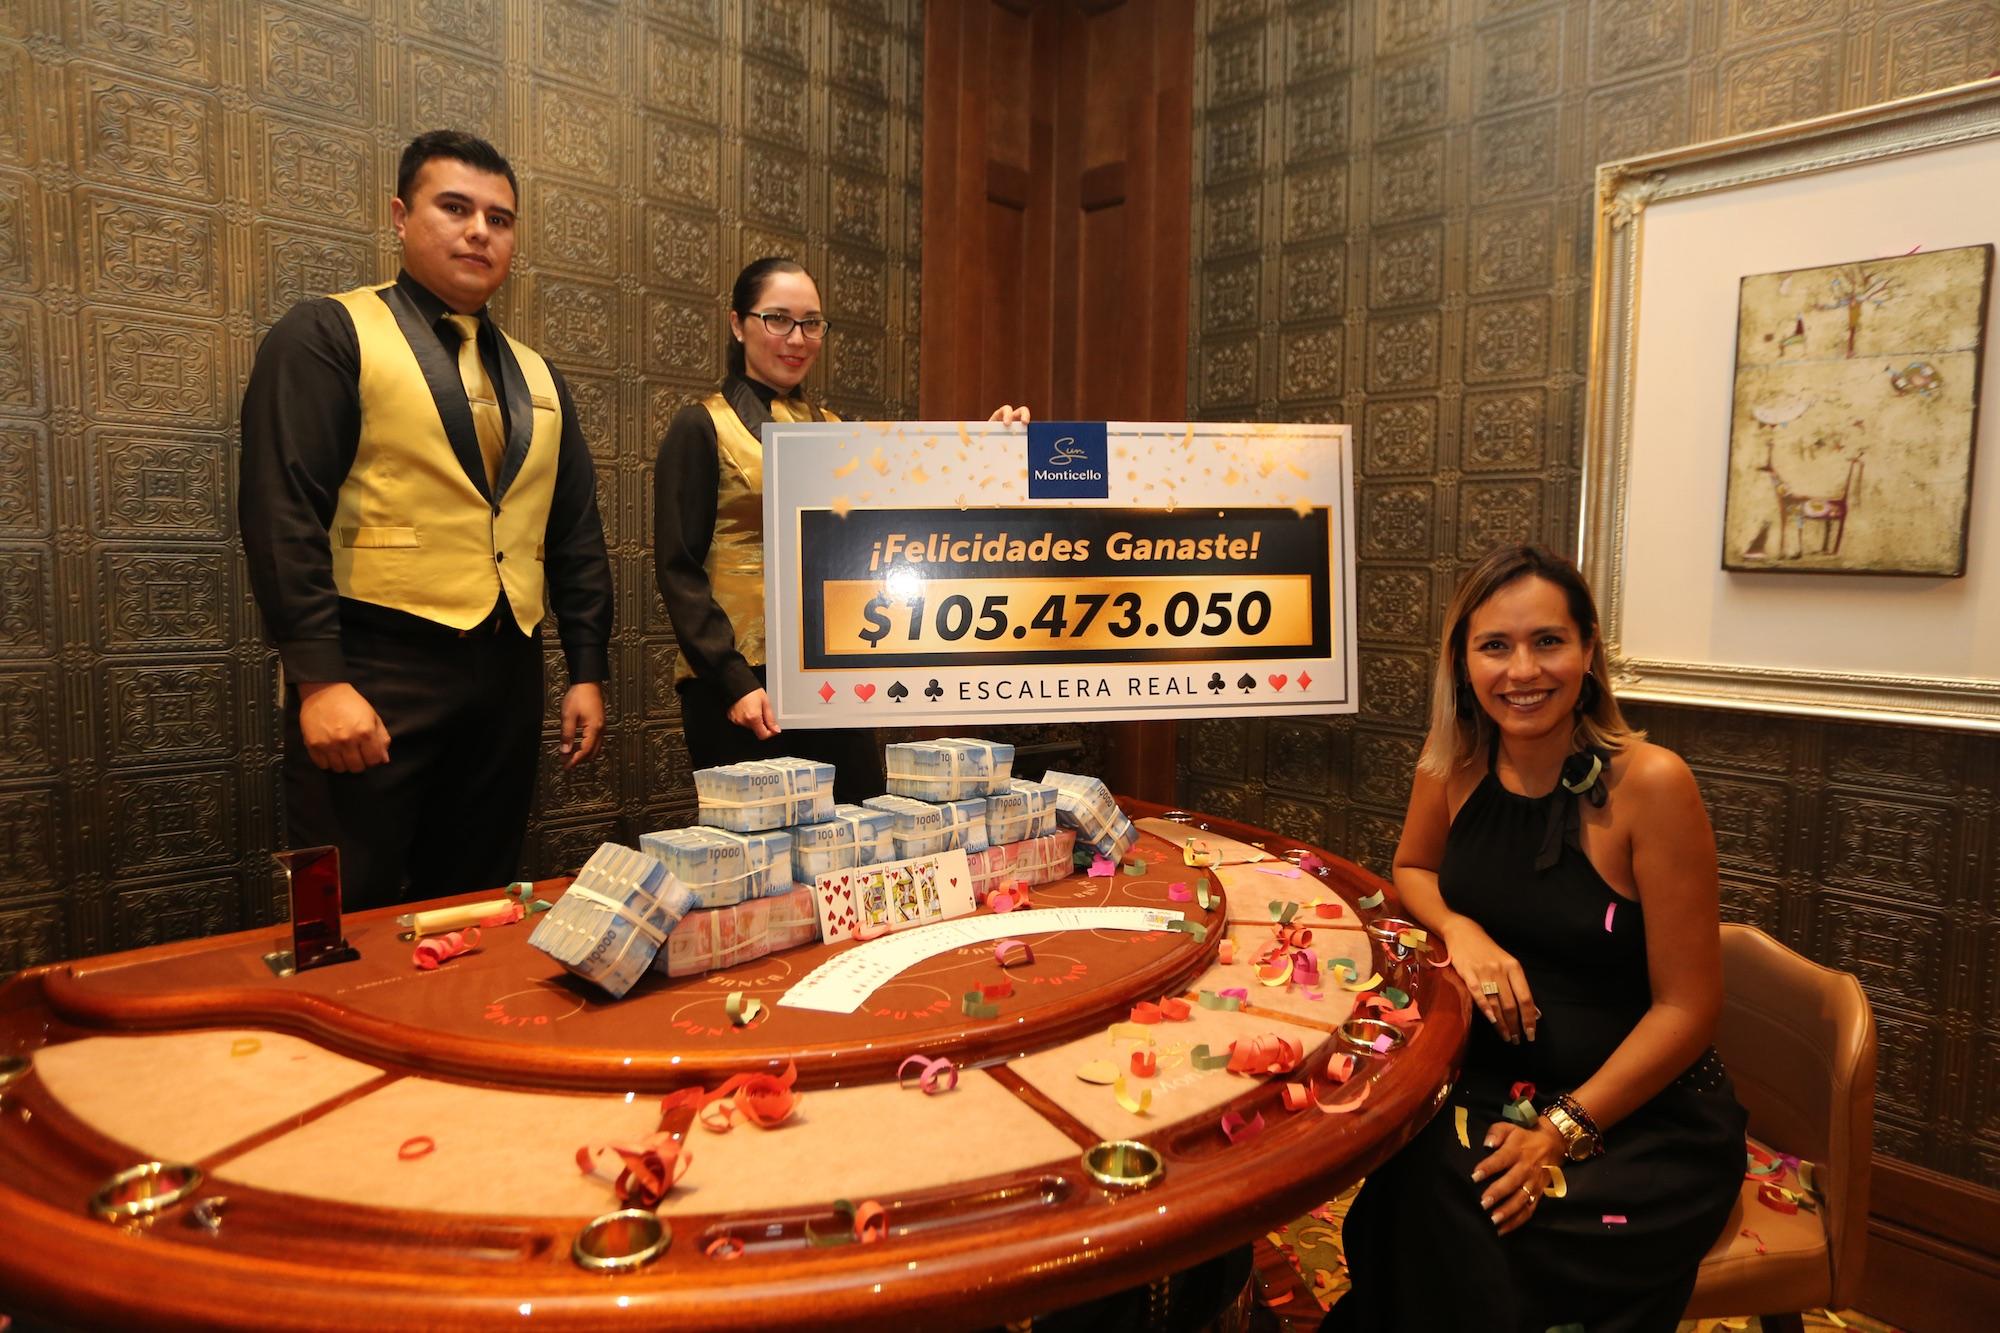 Sun Monticello entrega por tercera vez millonario premio en el mismo juego de cartas